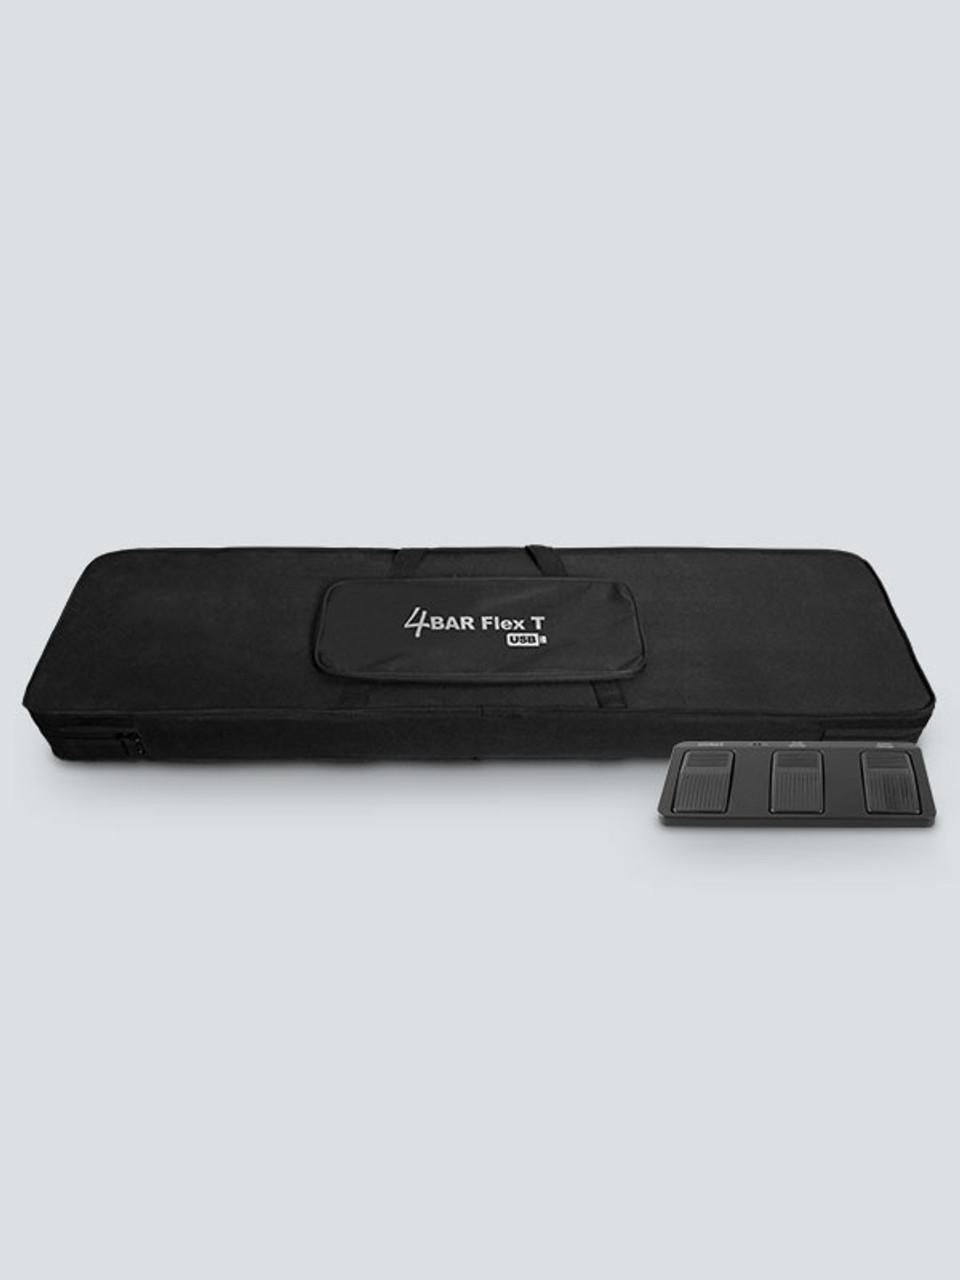 4BAR Flex T USB Bag